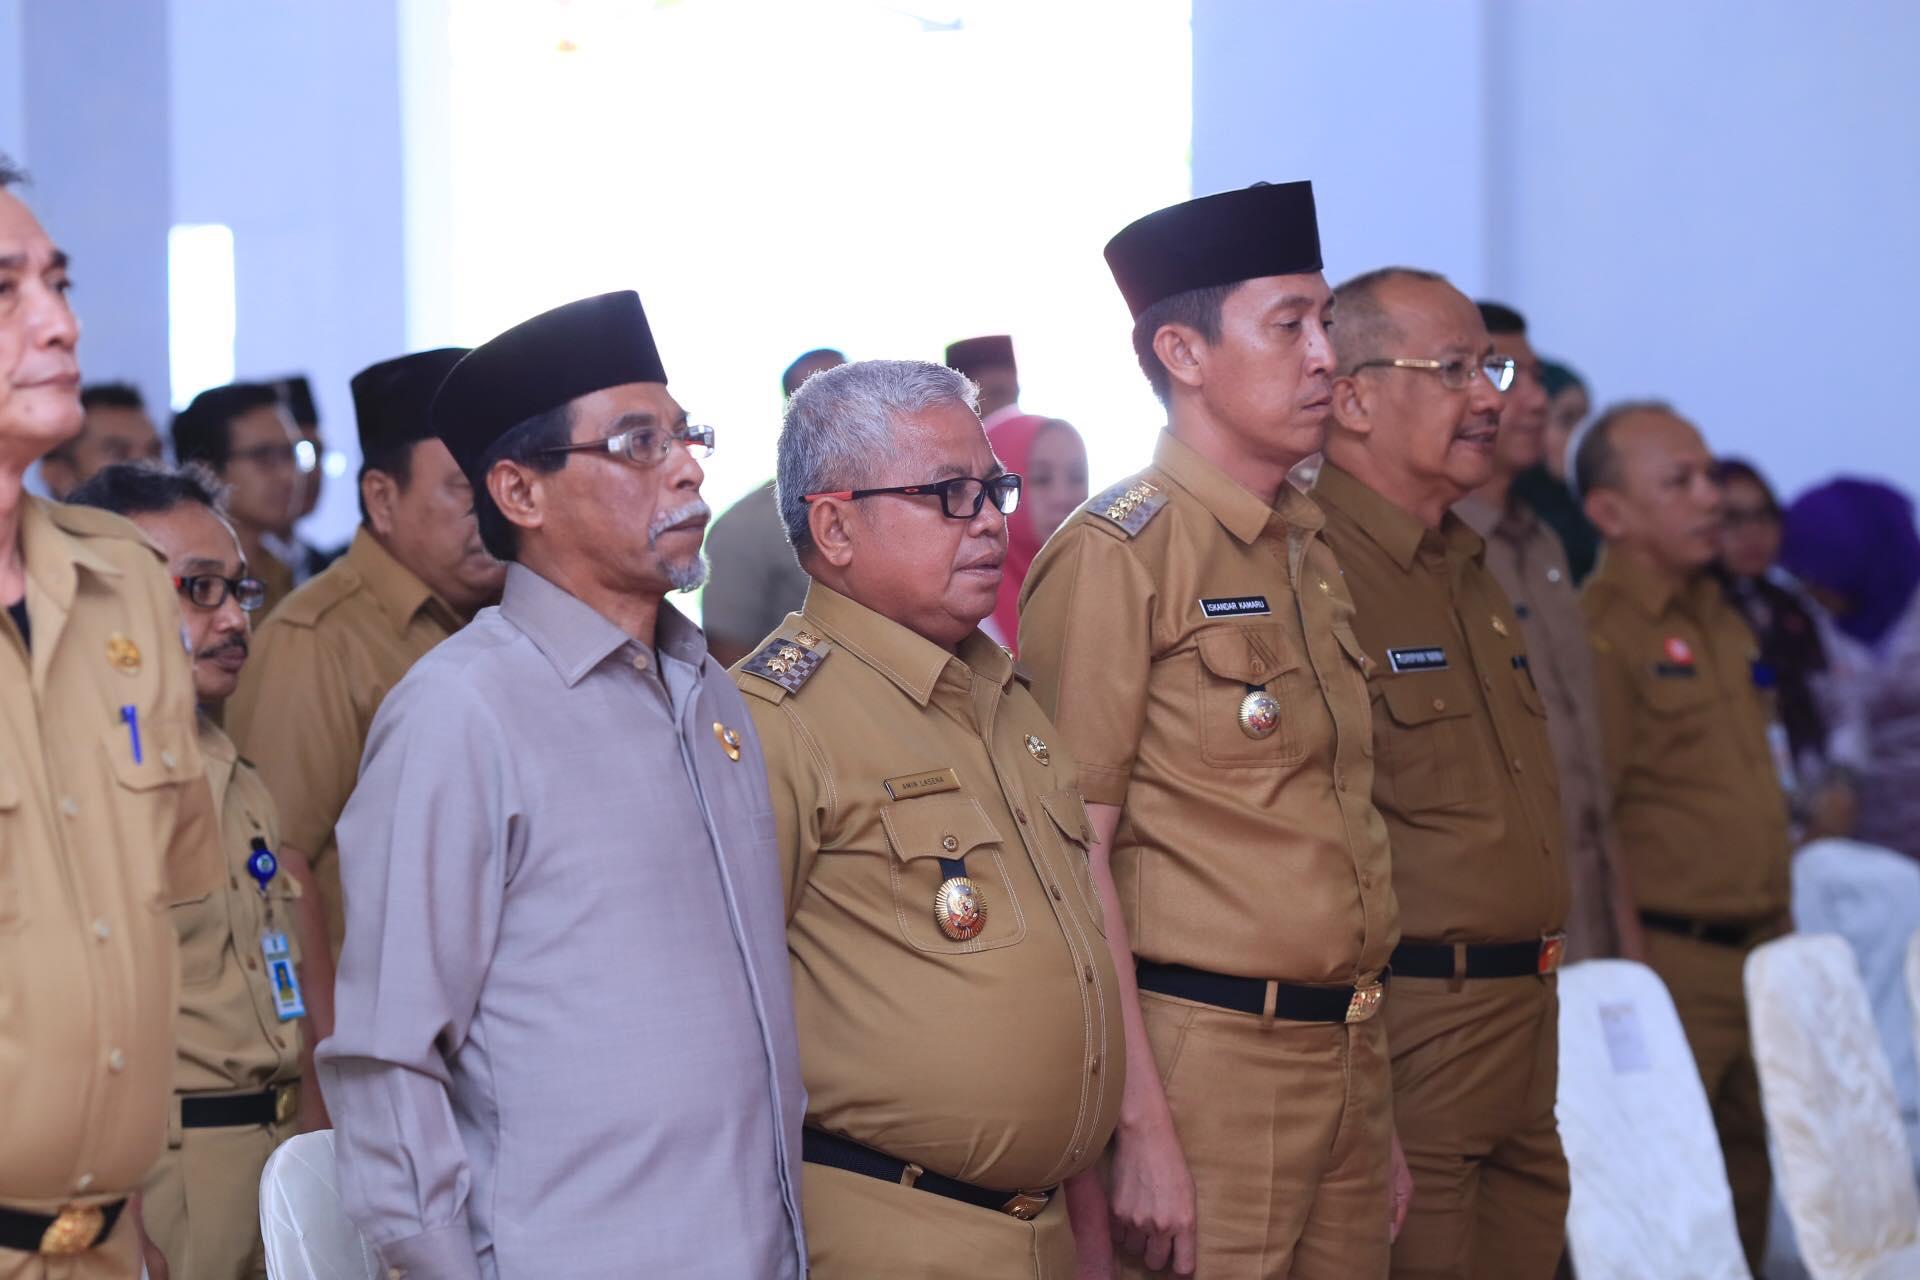 Wakil Bupati Bolmut Hadiri Rakor Pencegahan Korupsi Terintegrasi Tahun 2019 Dikotamobagu